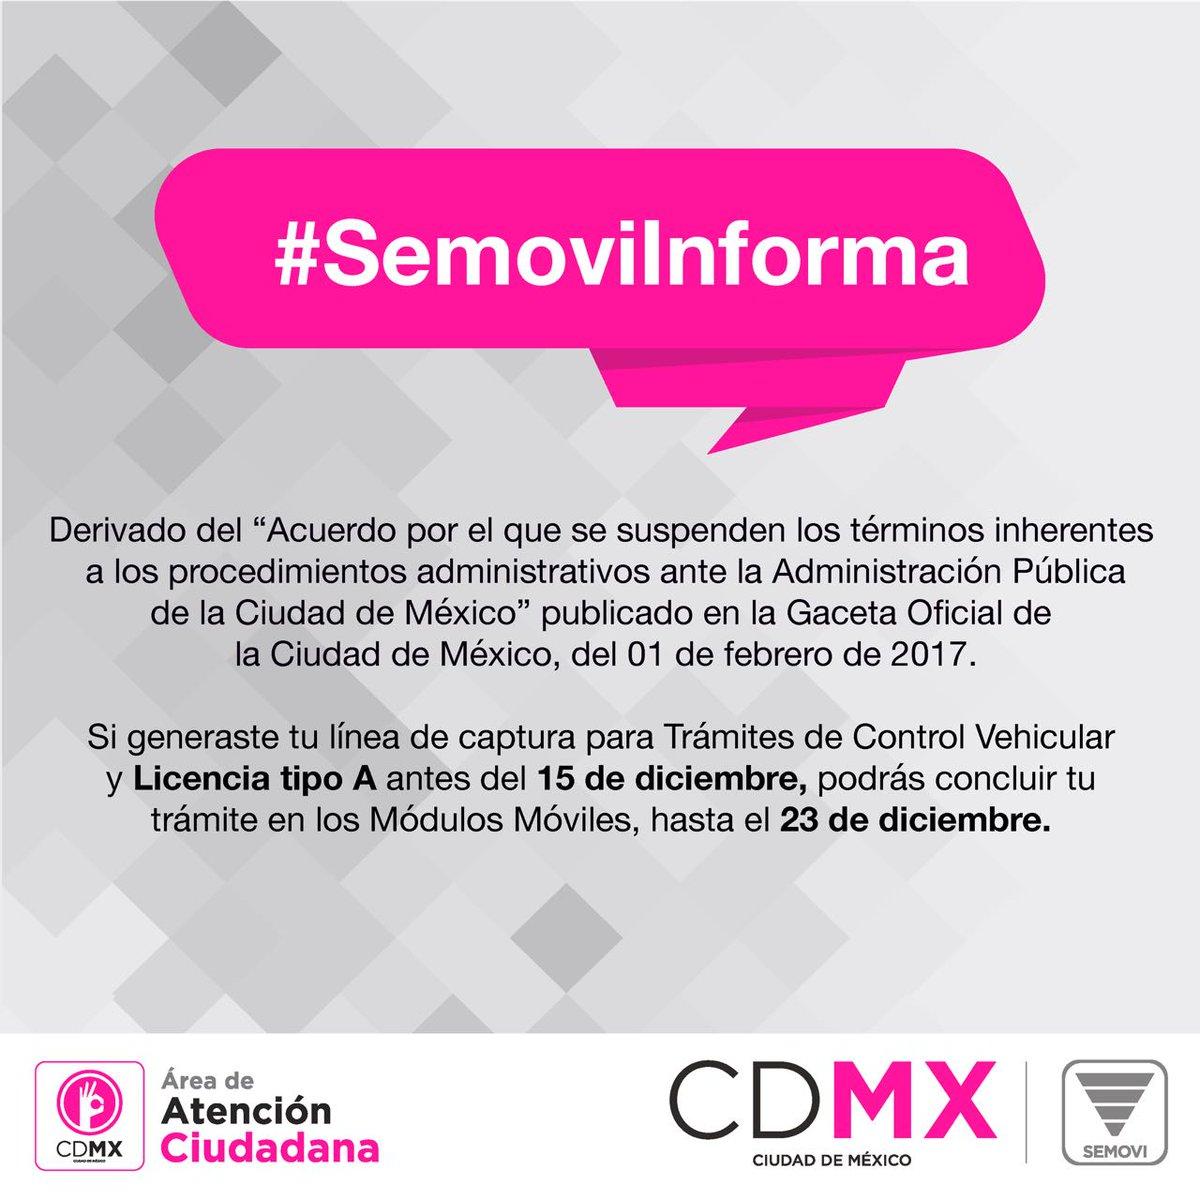 Secretaría De Movilidad Cdmx على تويتر Concluye Tus